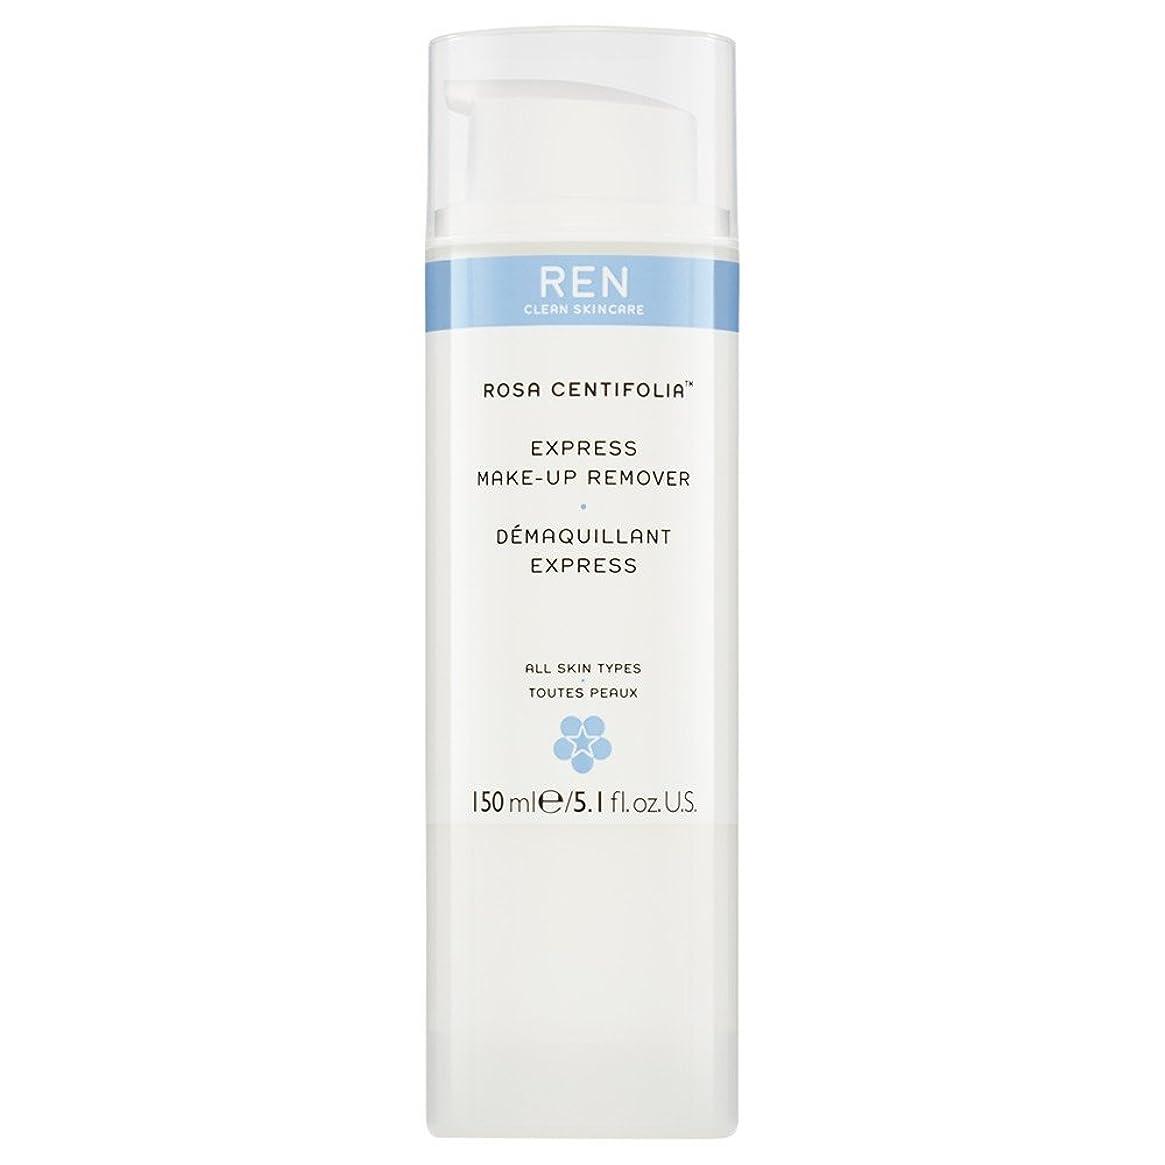 パイ不格好交じるRenローザセンチフォリアバラメイクアップリムーバー150ミリリットル (REN) (x2) - REN Rosa Centifolia Makeup Remover 150ml (Pack of 2) [並行輸入品]